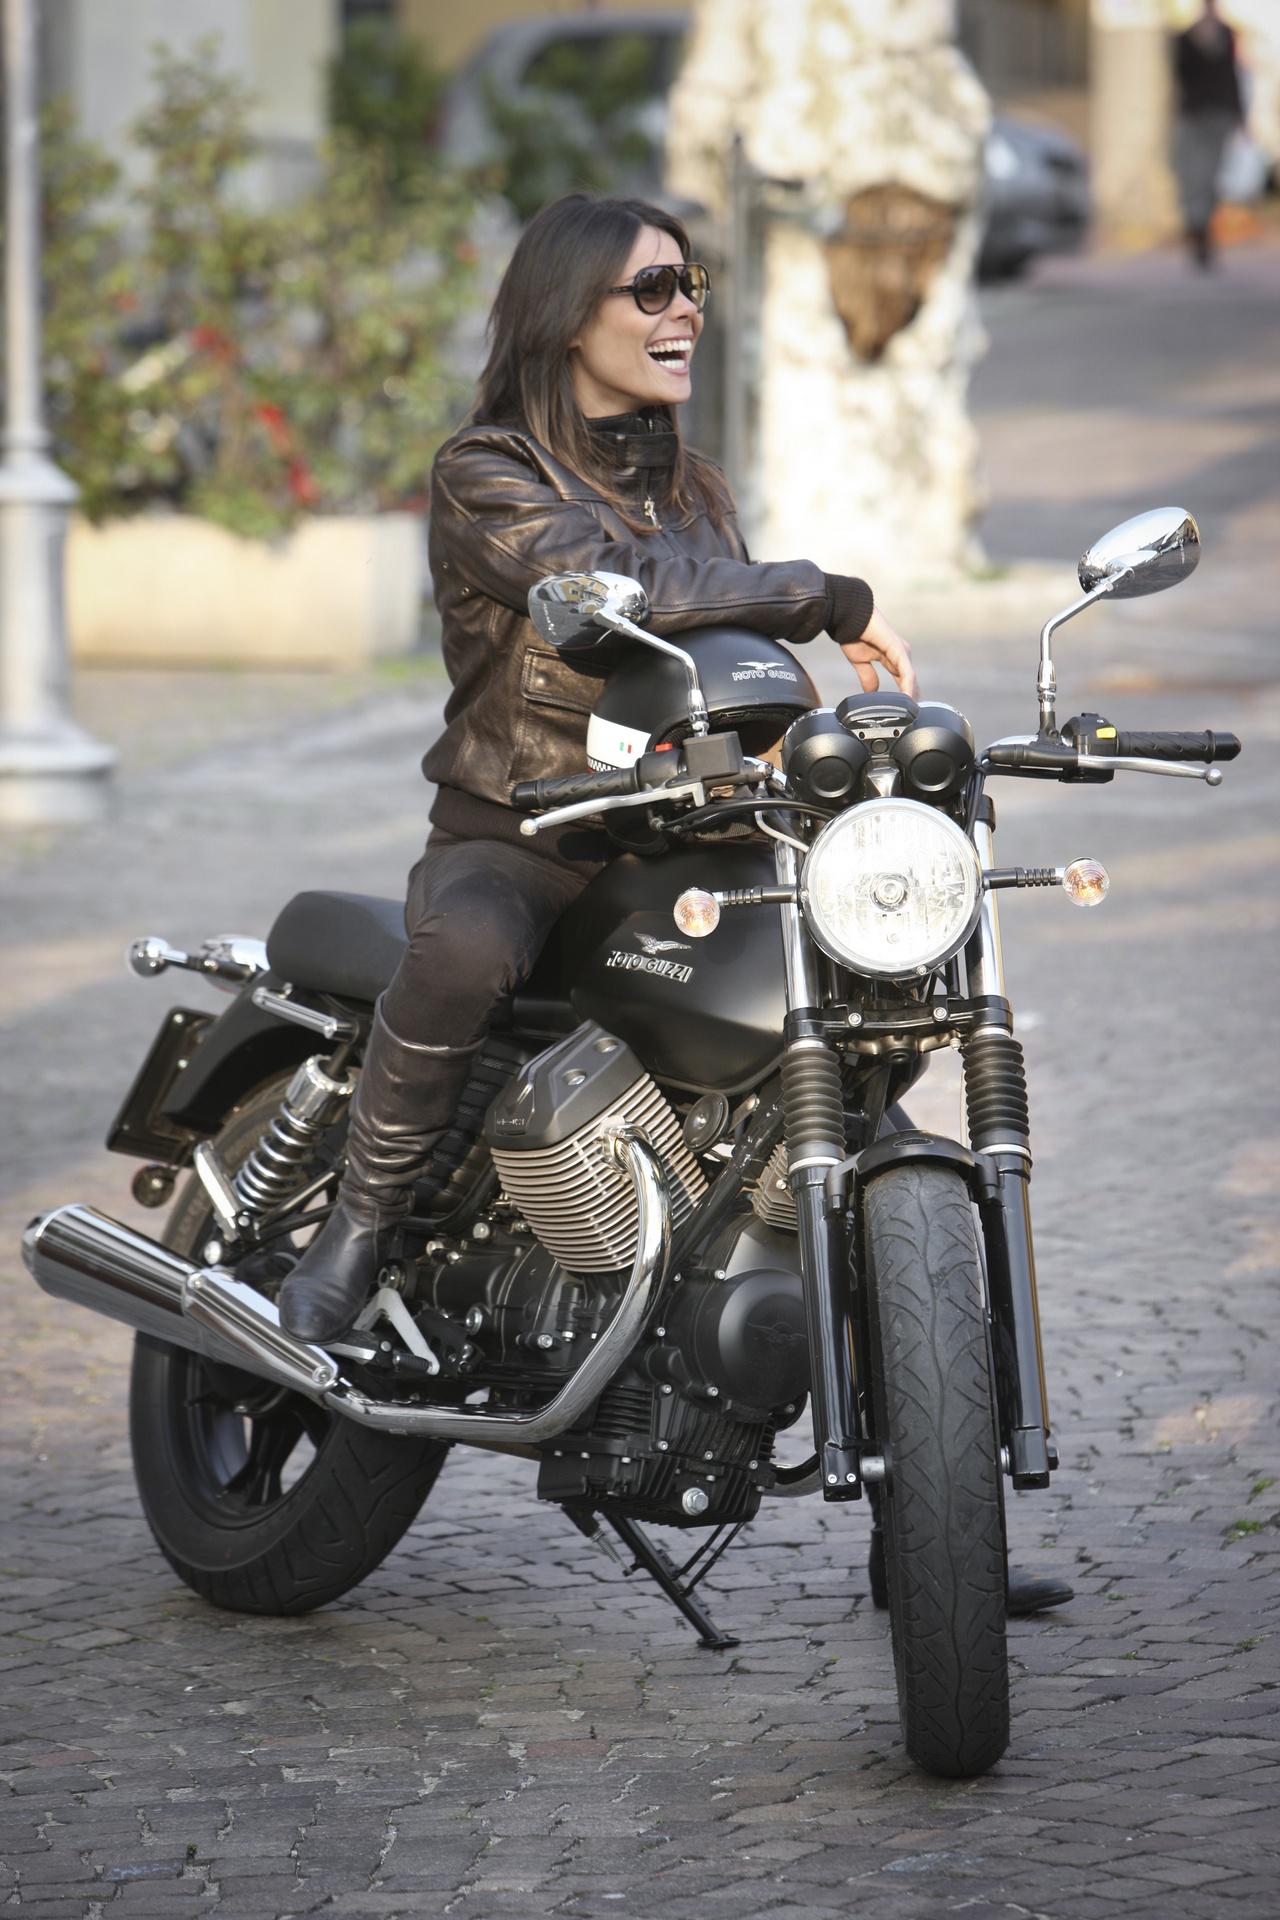 Moto Guzzi V7 | Ridin' Girls